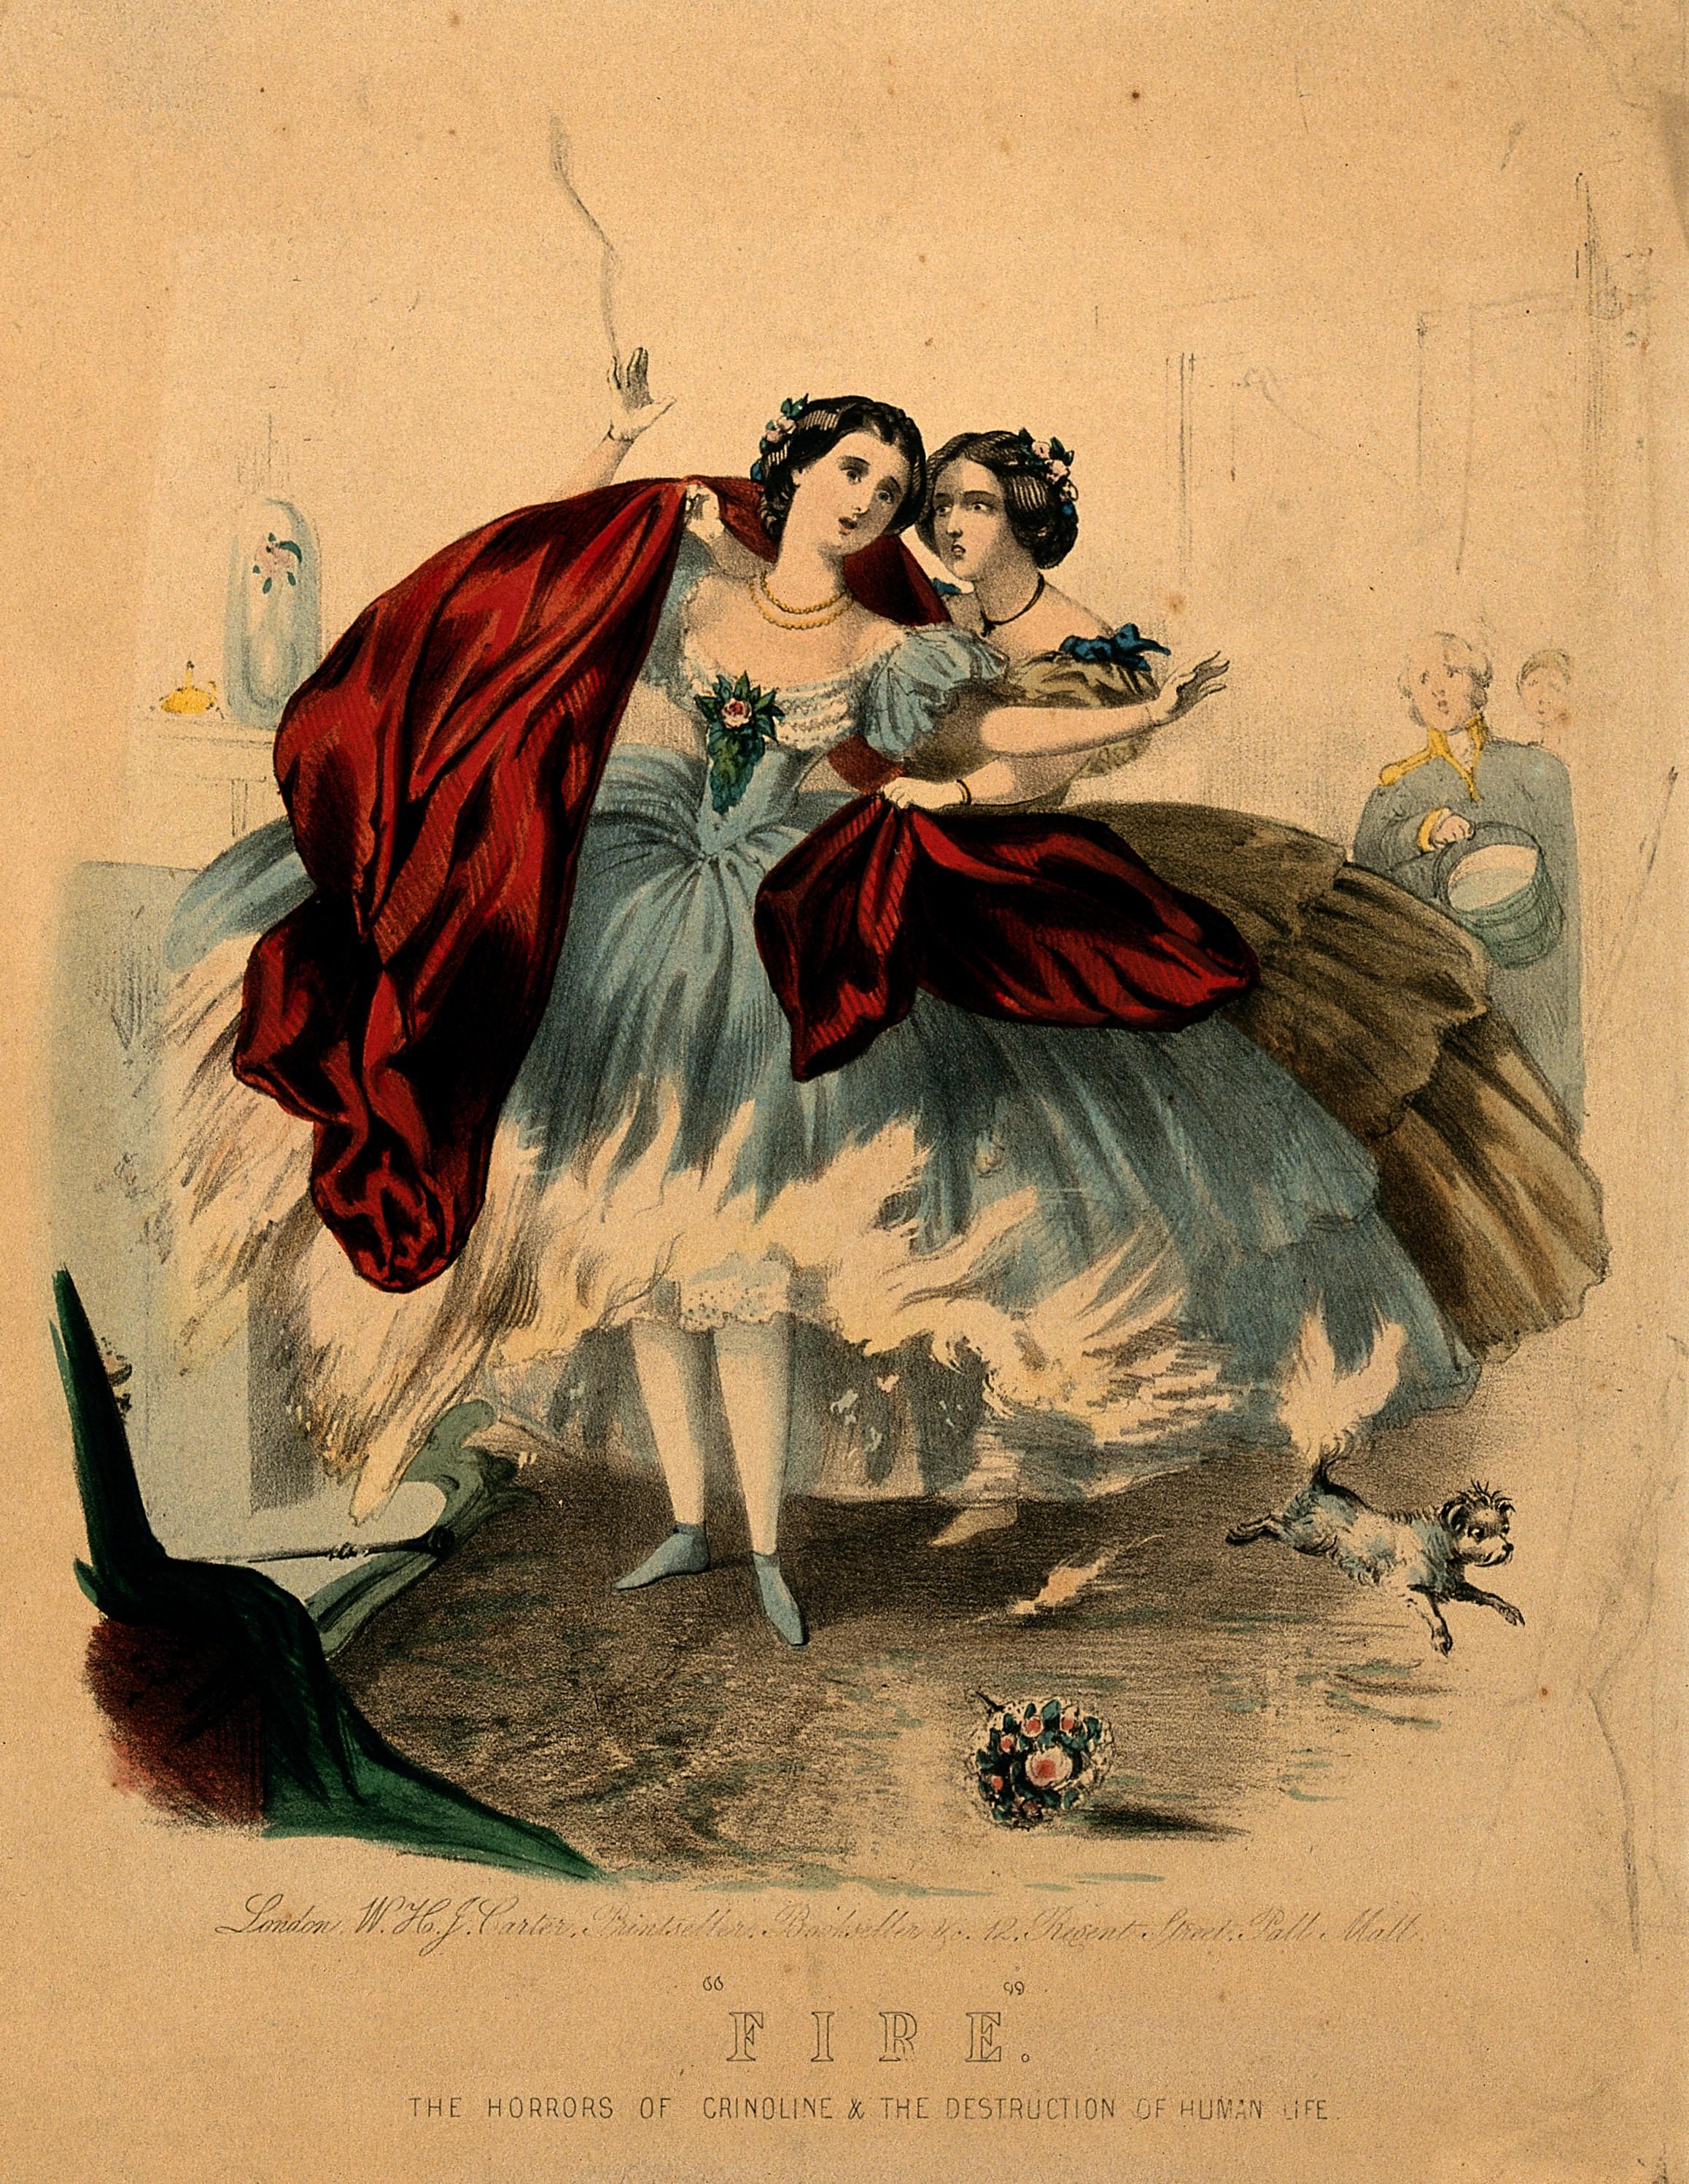 Women wearing crinolines set on fire, ca. 1860